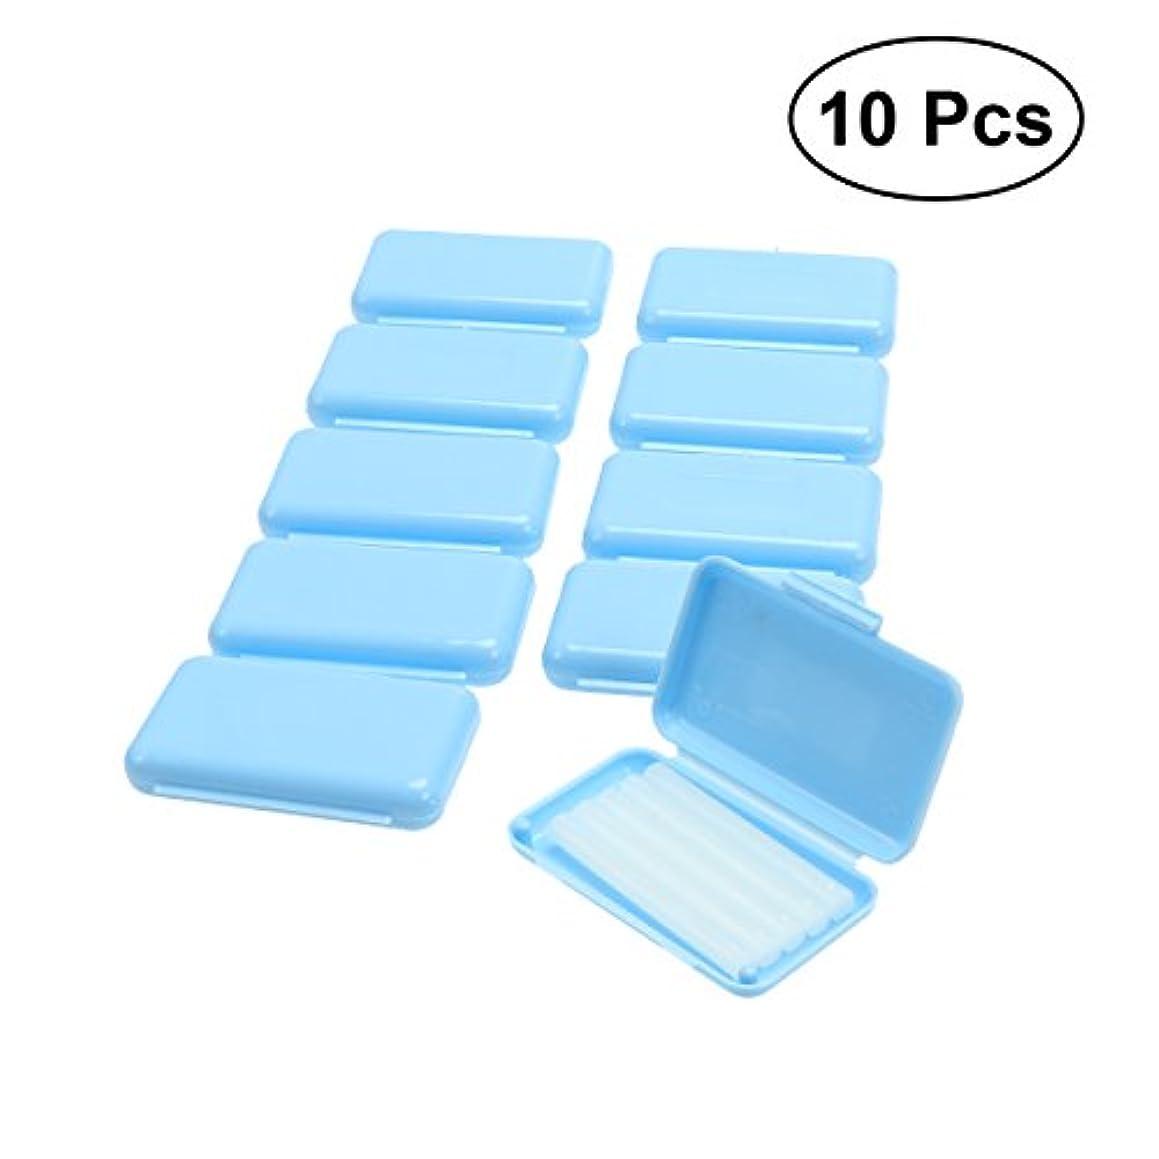 窒素イチゴ経営者SUPVOX 10PCS歯列矯正用矯正ワックス(青色ミントフレーバー)